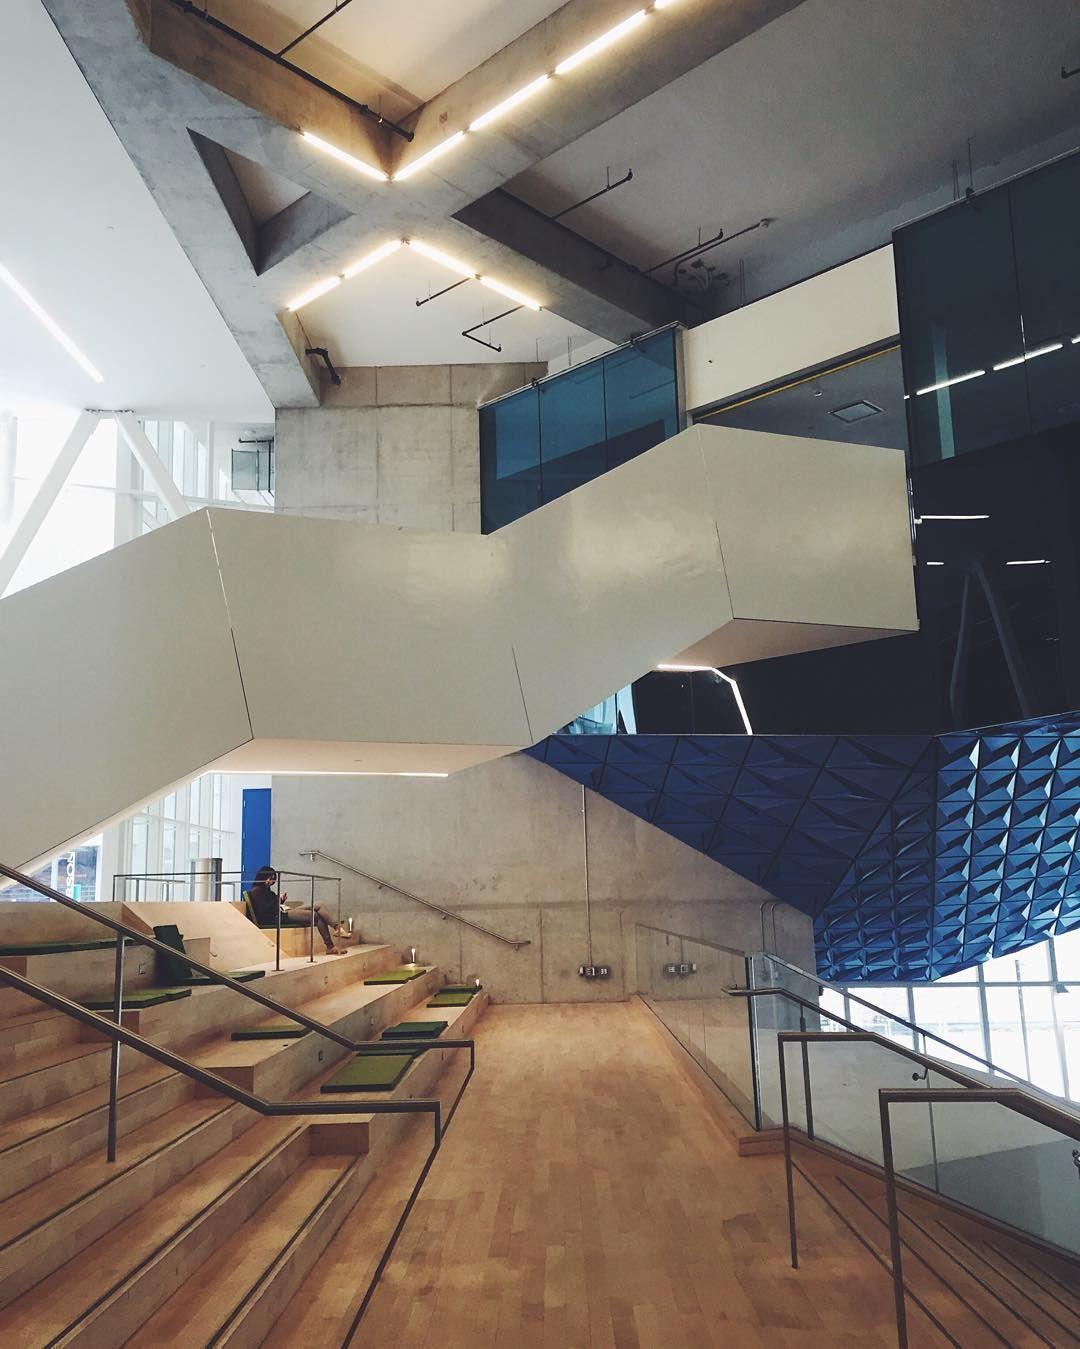 #architectureandpeople